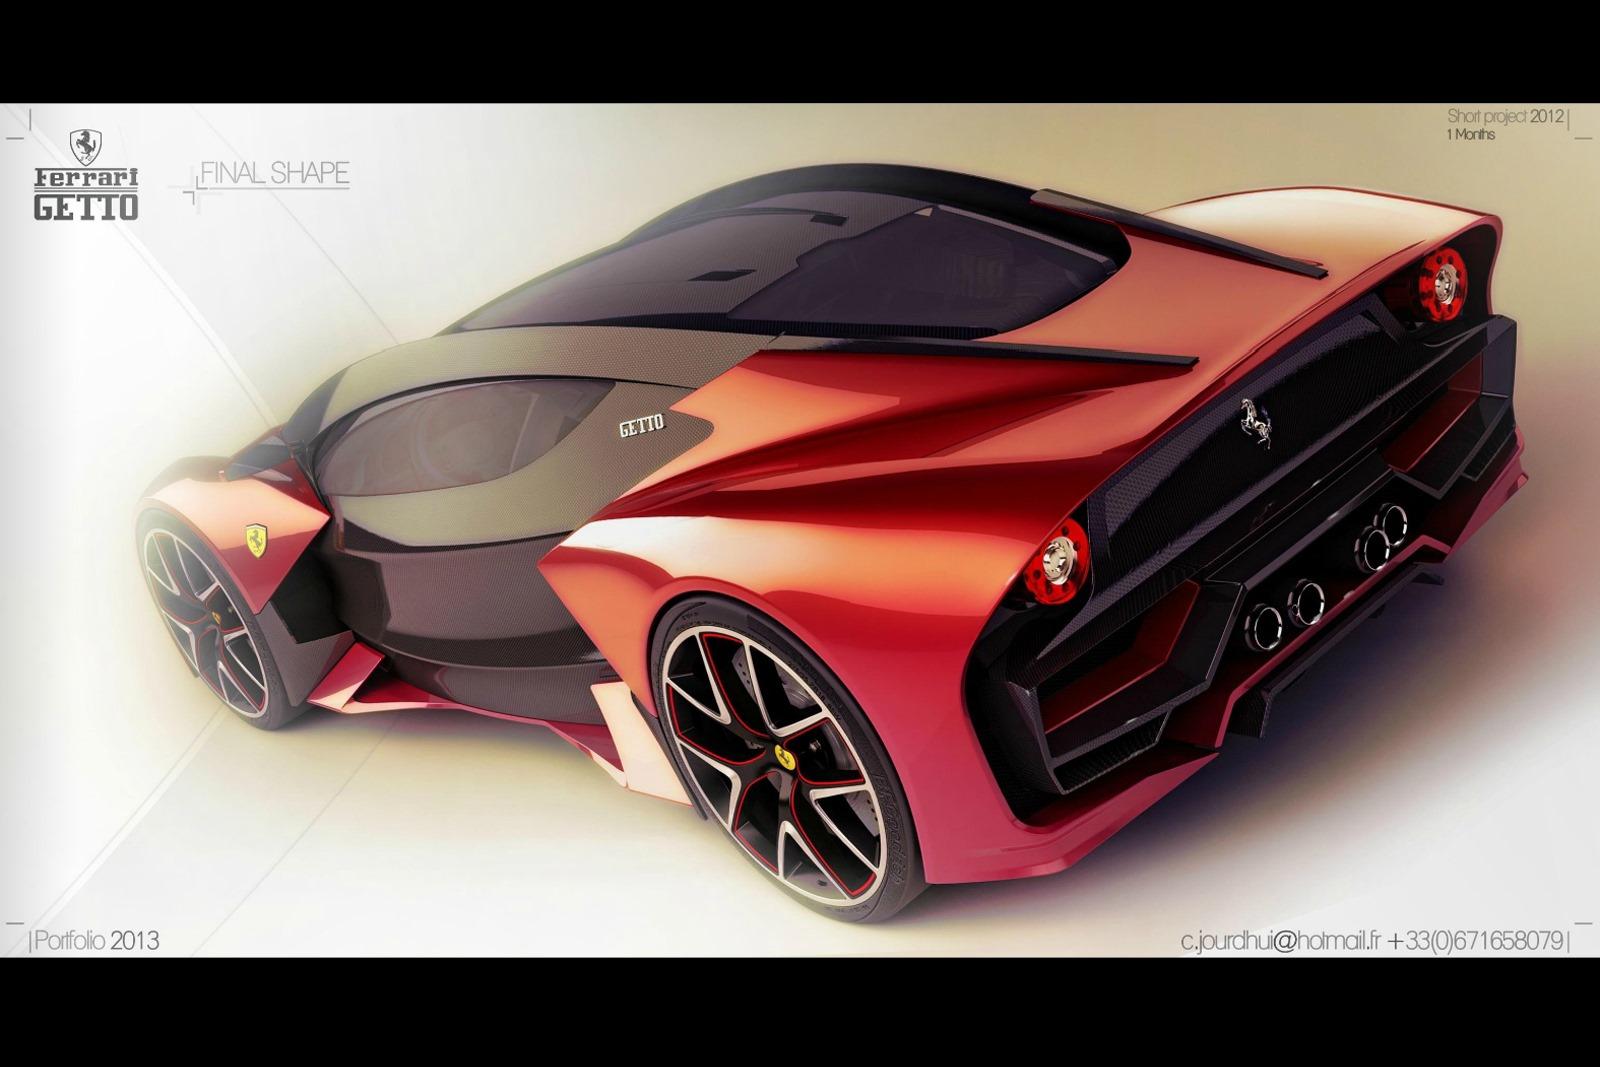 Ferrari Getto Design Concept